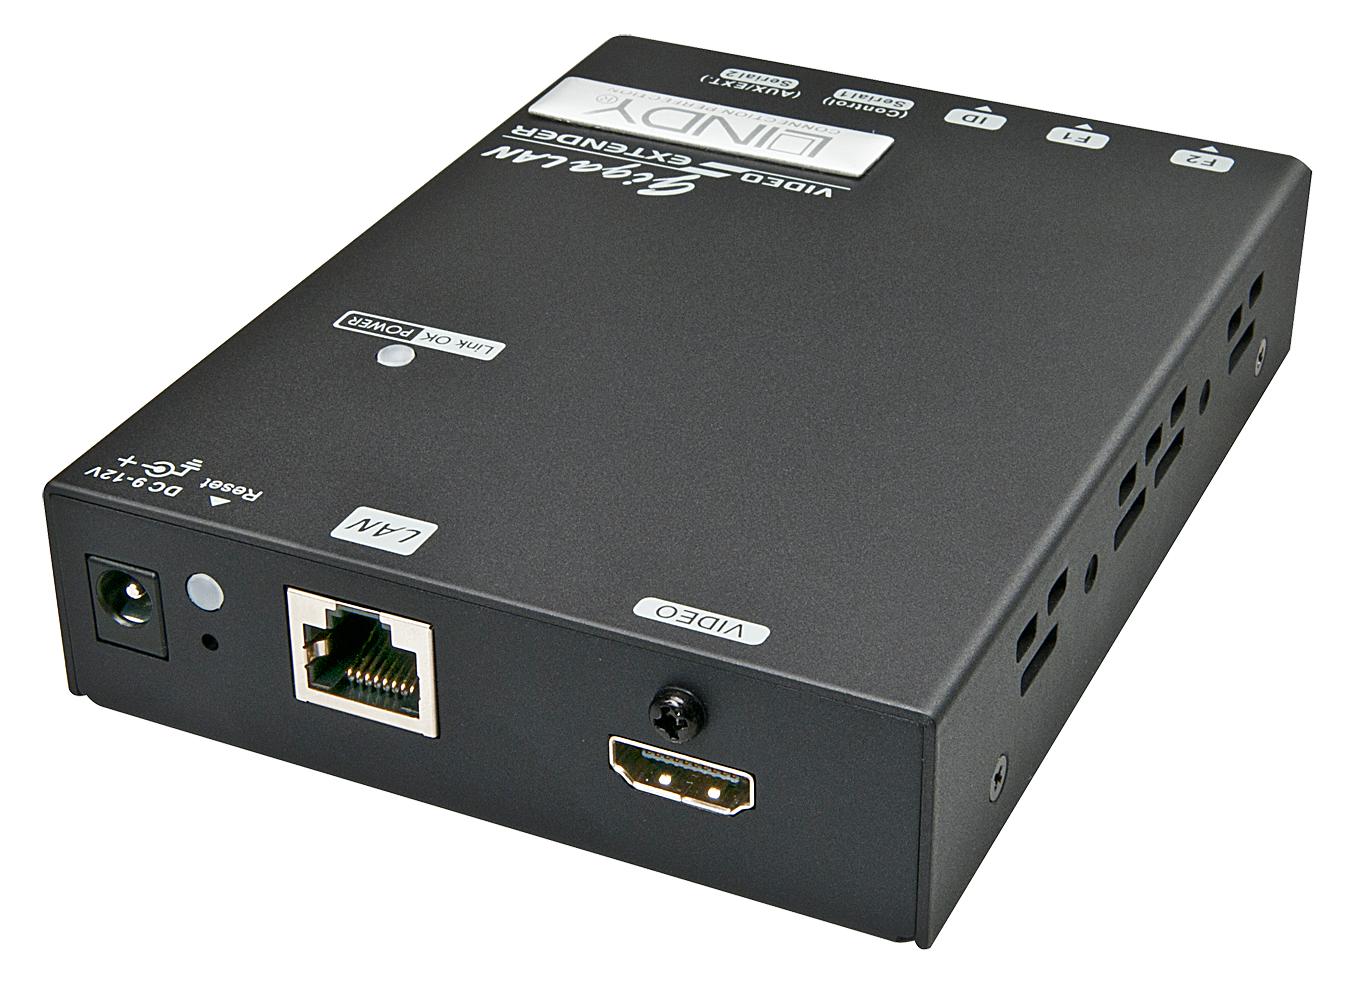 Lindy 38132 AV transmitter AV extender